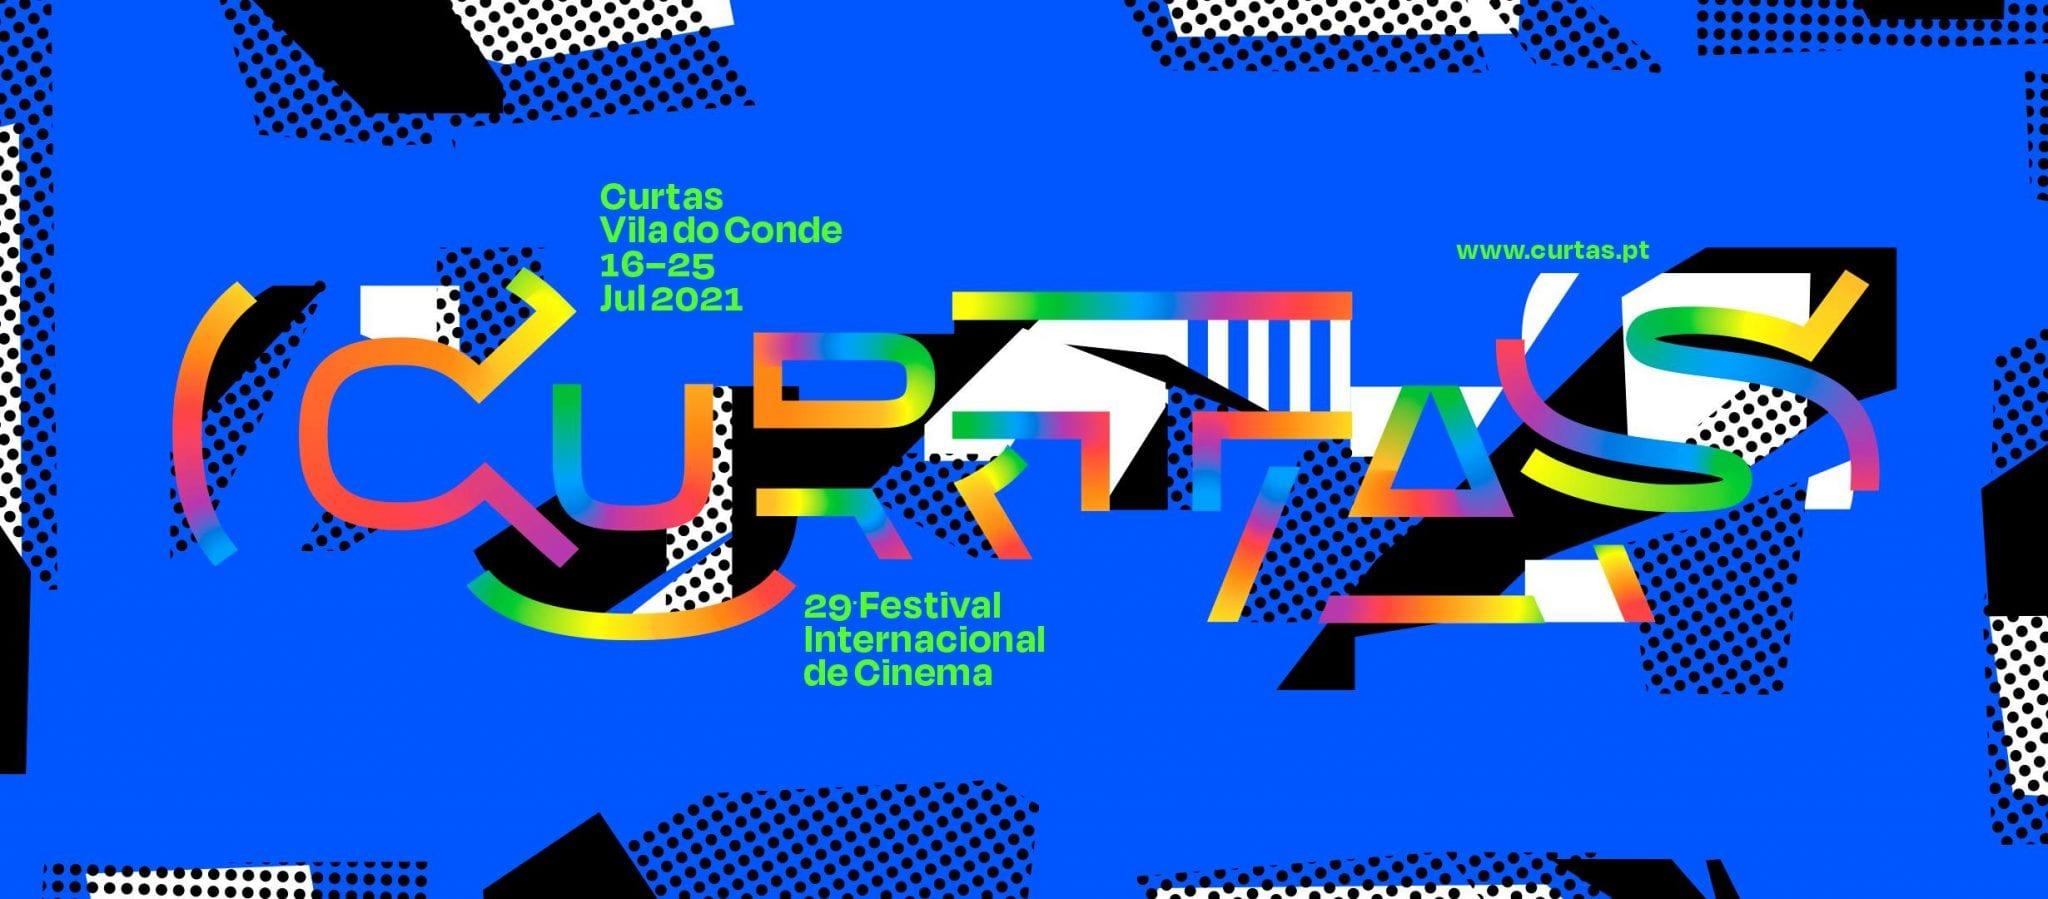 Curtas Vila de Conde 2021